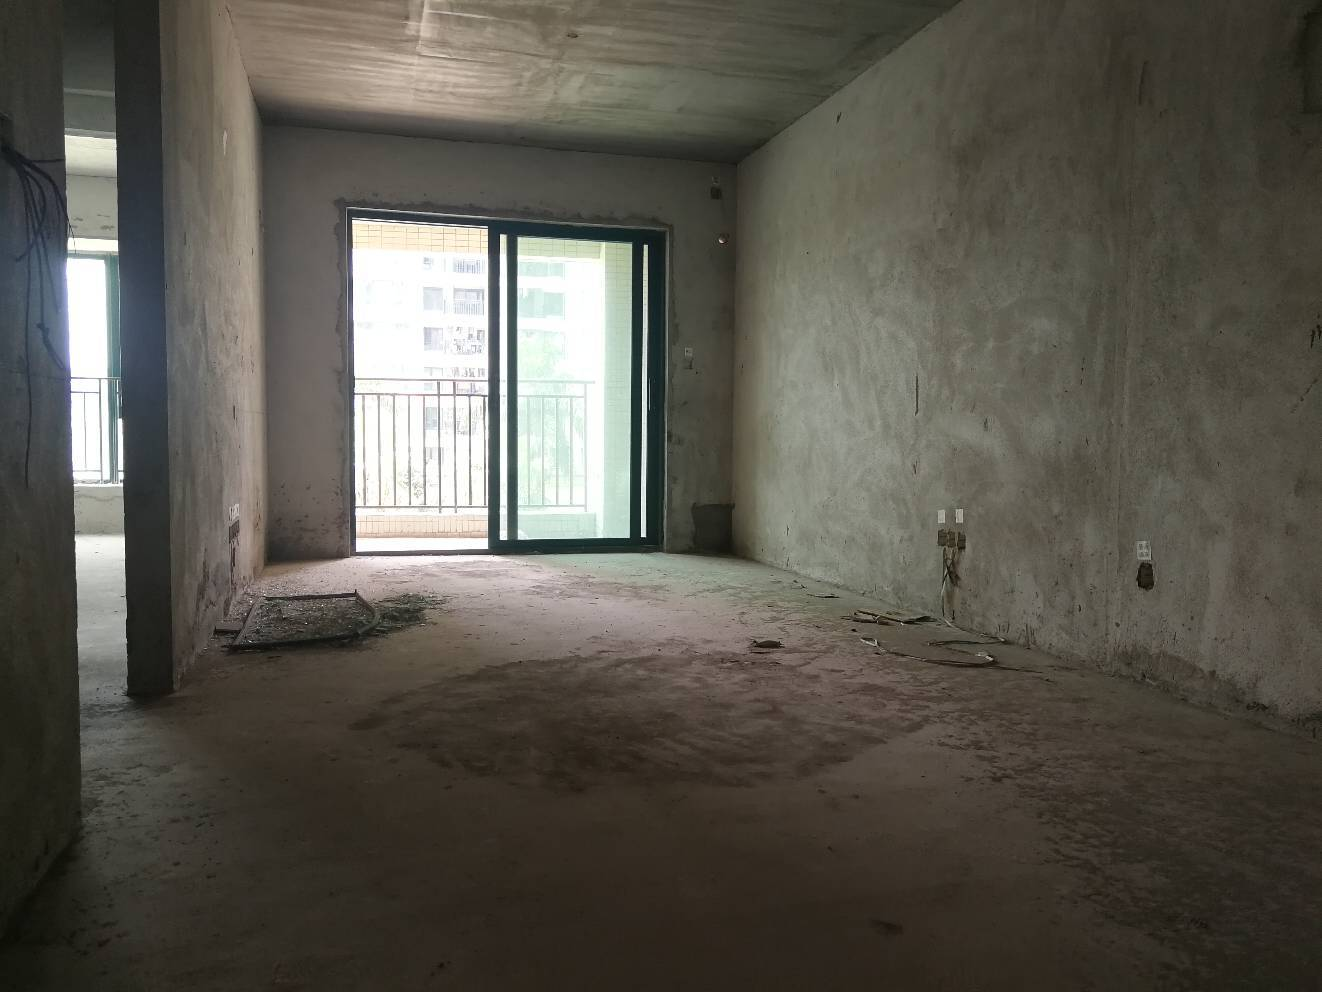 雅居乐锦城大两房,南向安静,采光充足,雅居乐12年学位未占用